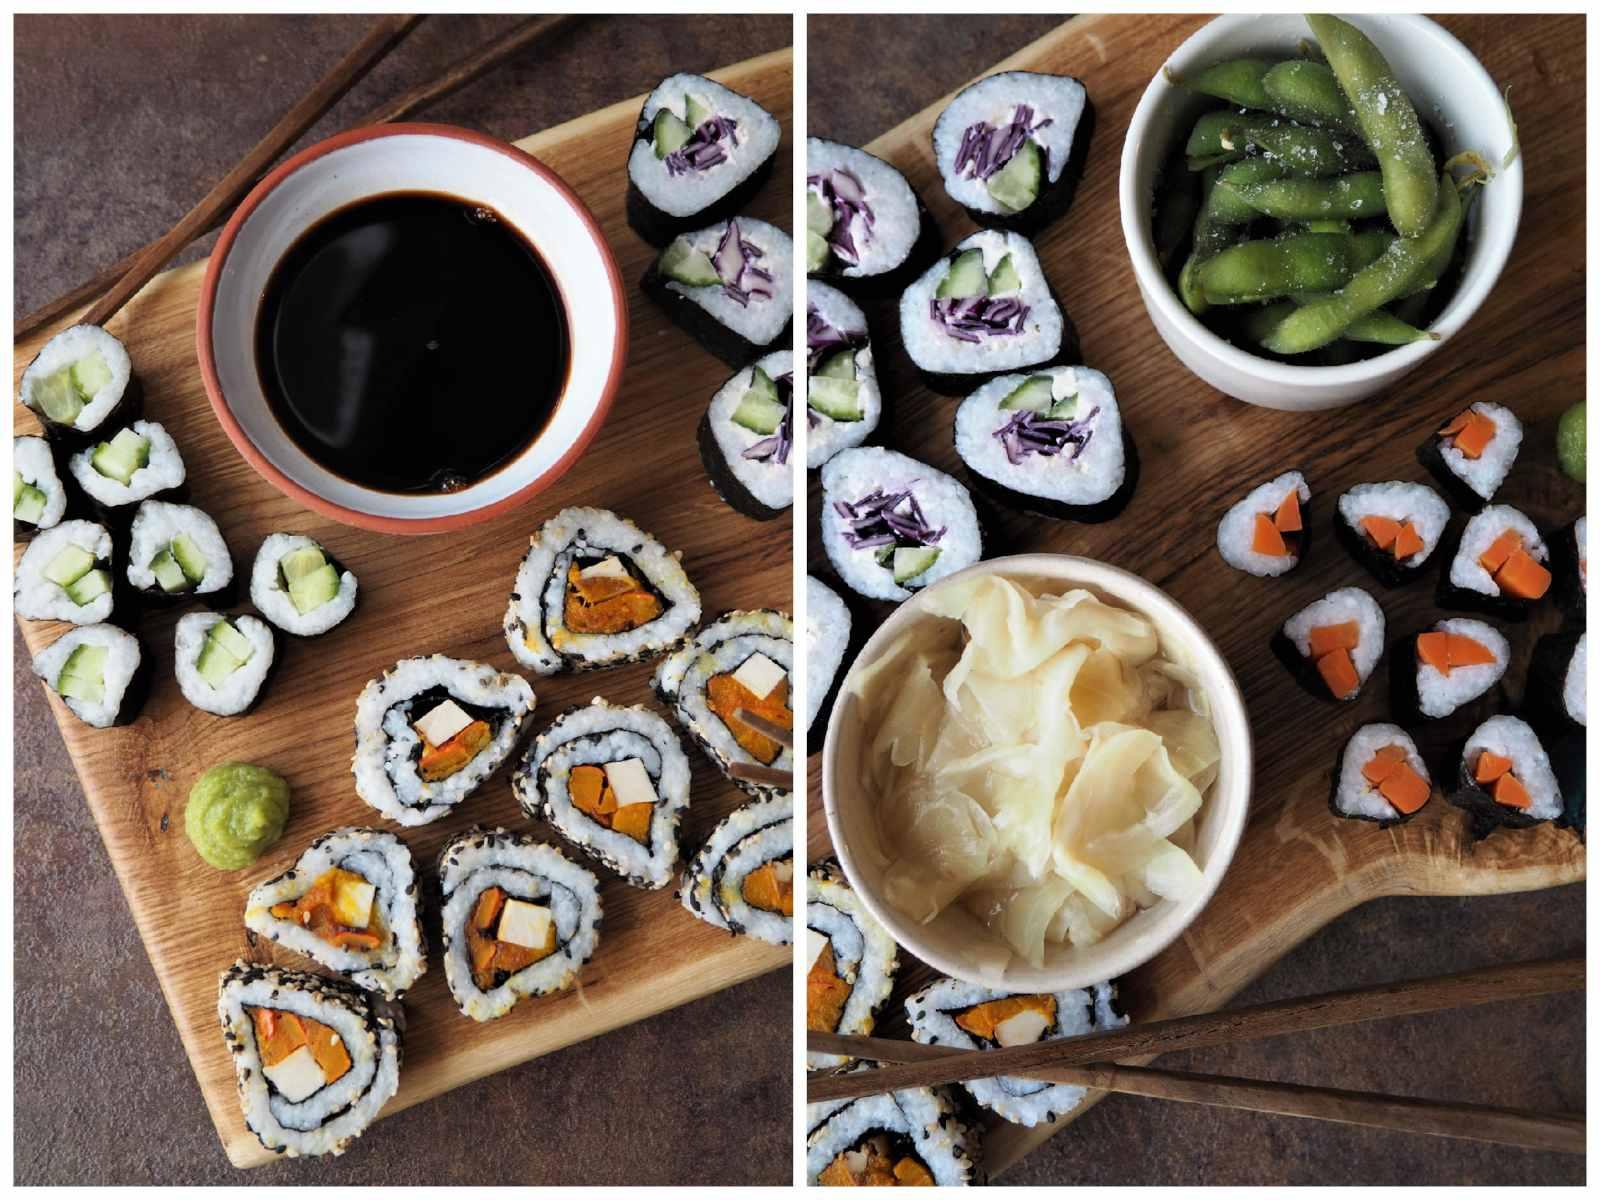 Veganes Sushi selbermachen - verschiedene bunte Sorten - angerichtet auf Holzbrett